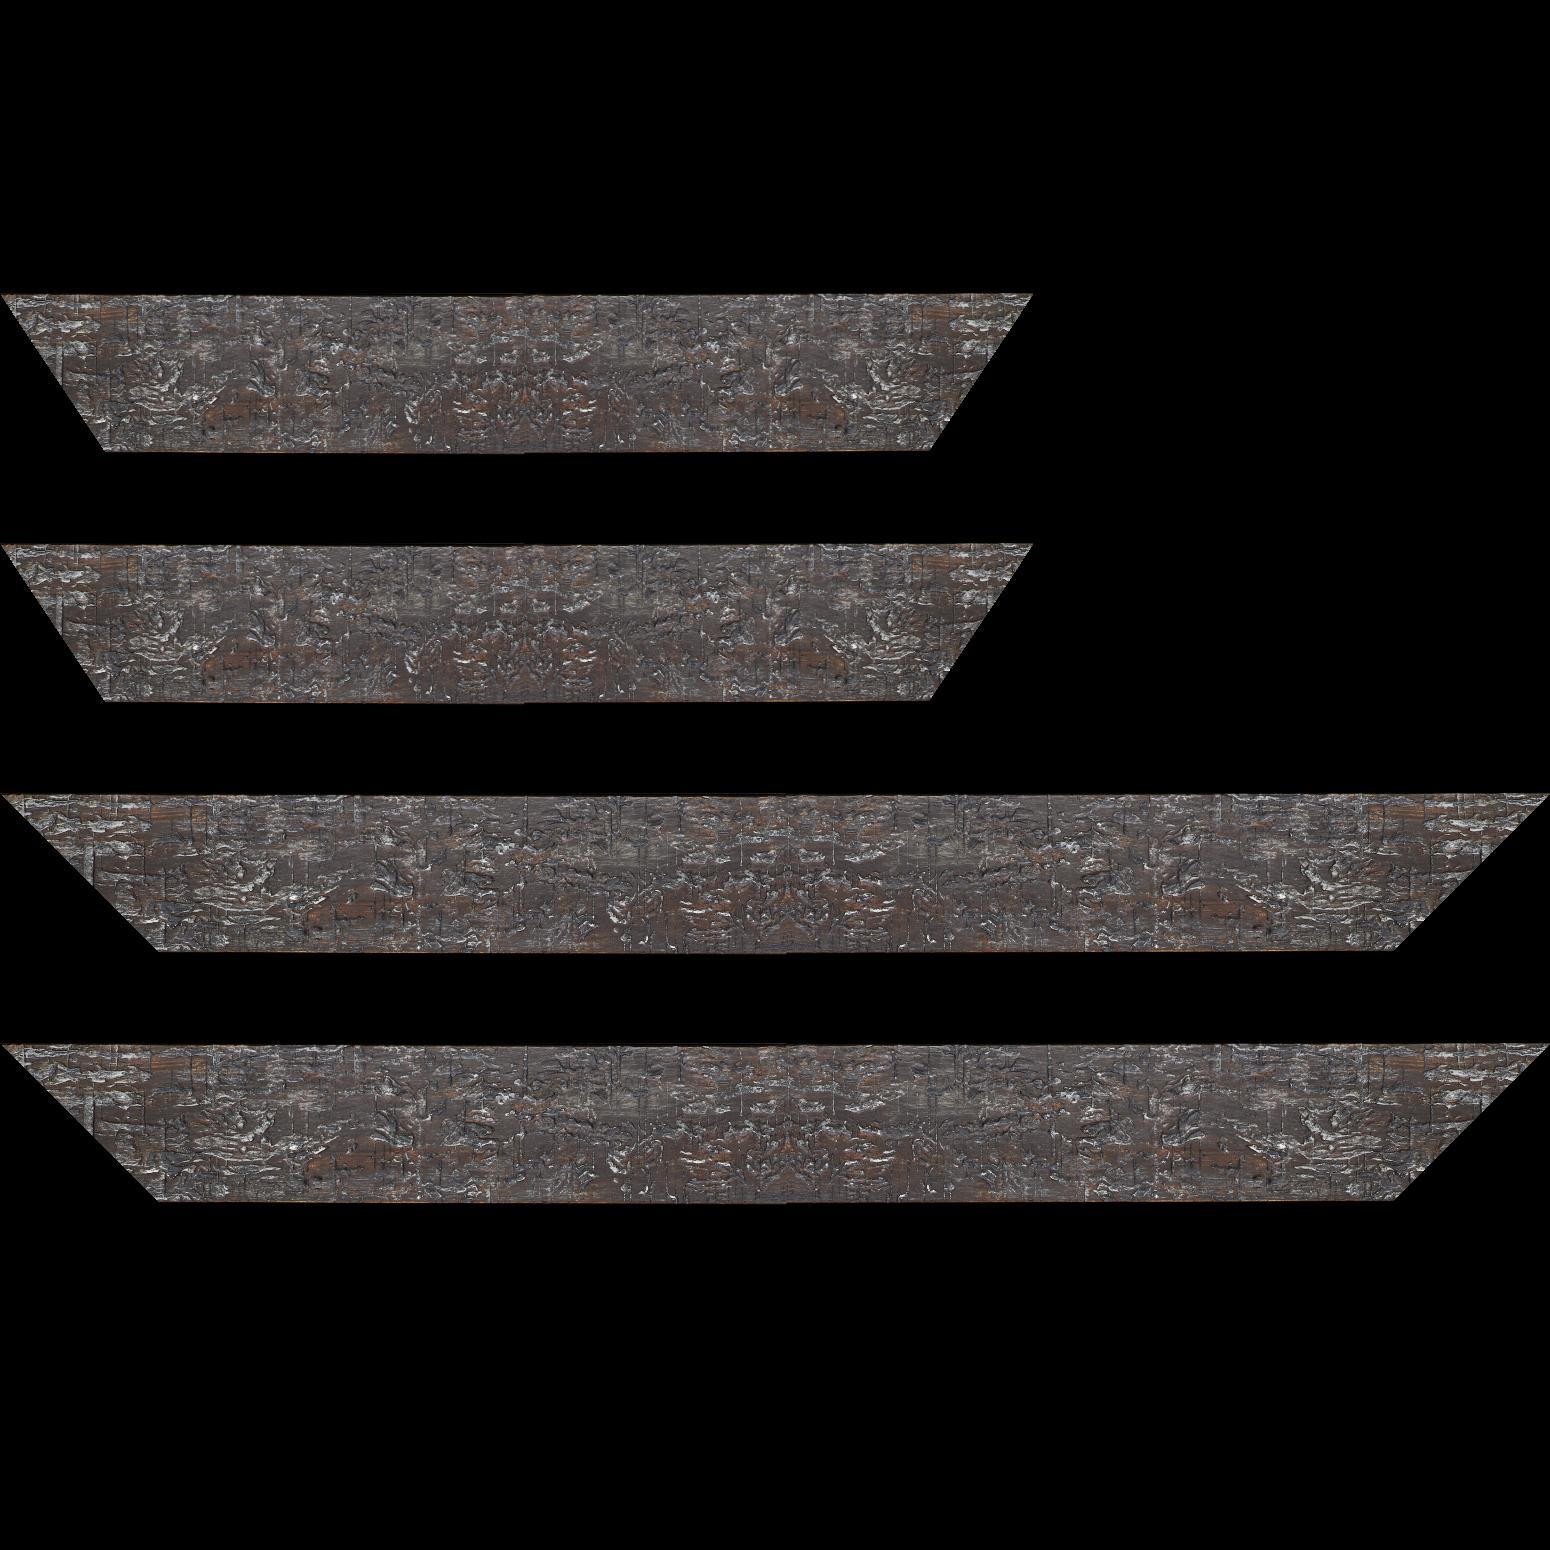 Baguette service précoupé Bois profil plat largeur 5cm couleur noir anthracite finition bois brut aspect palette